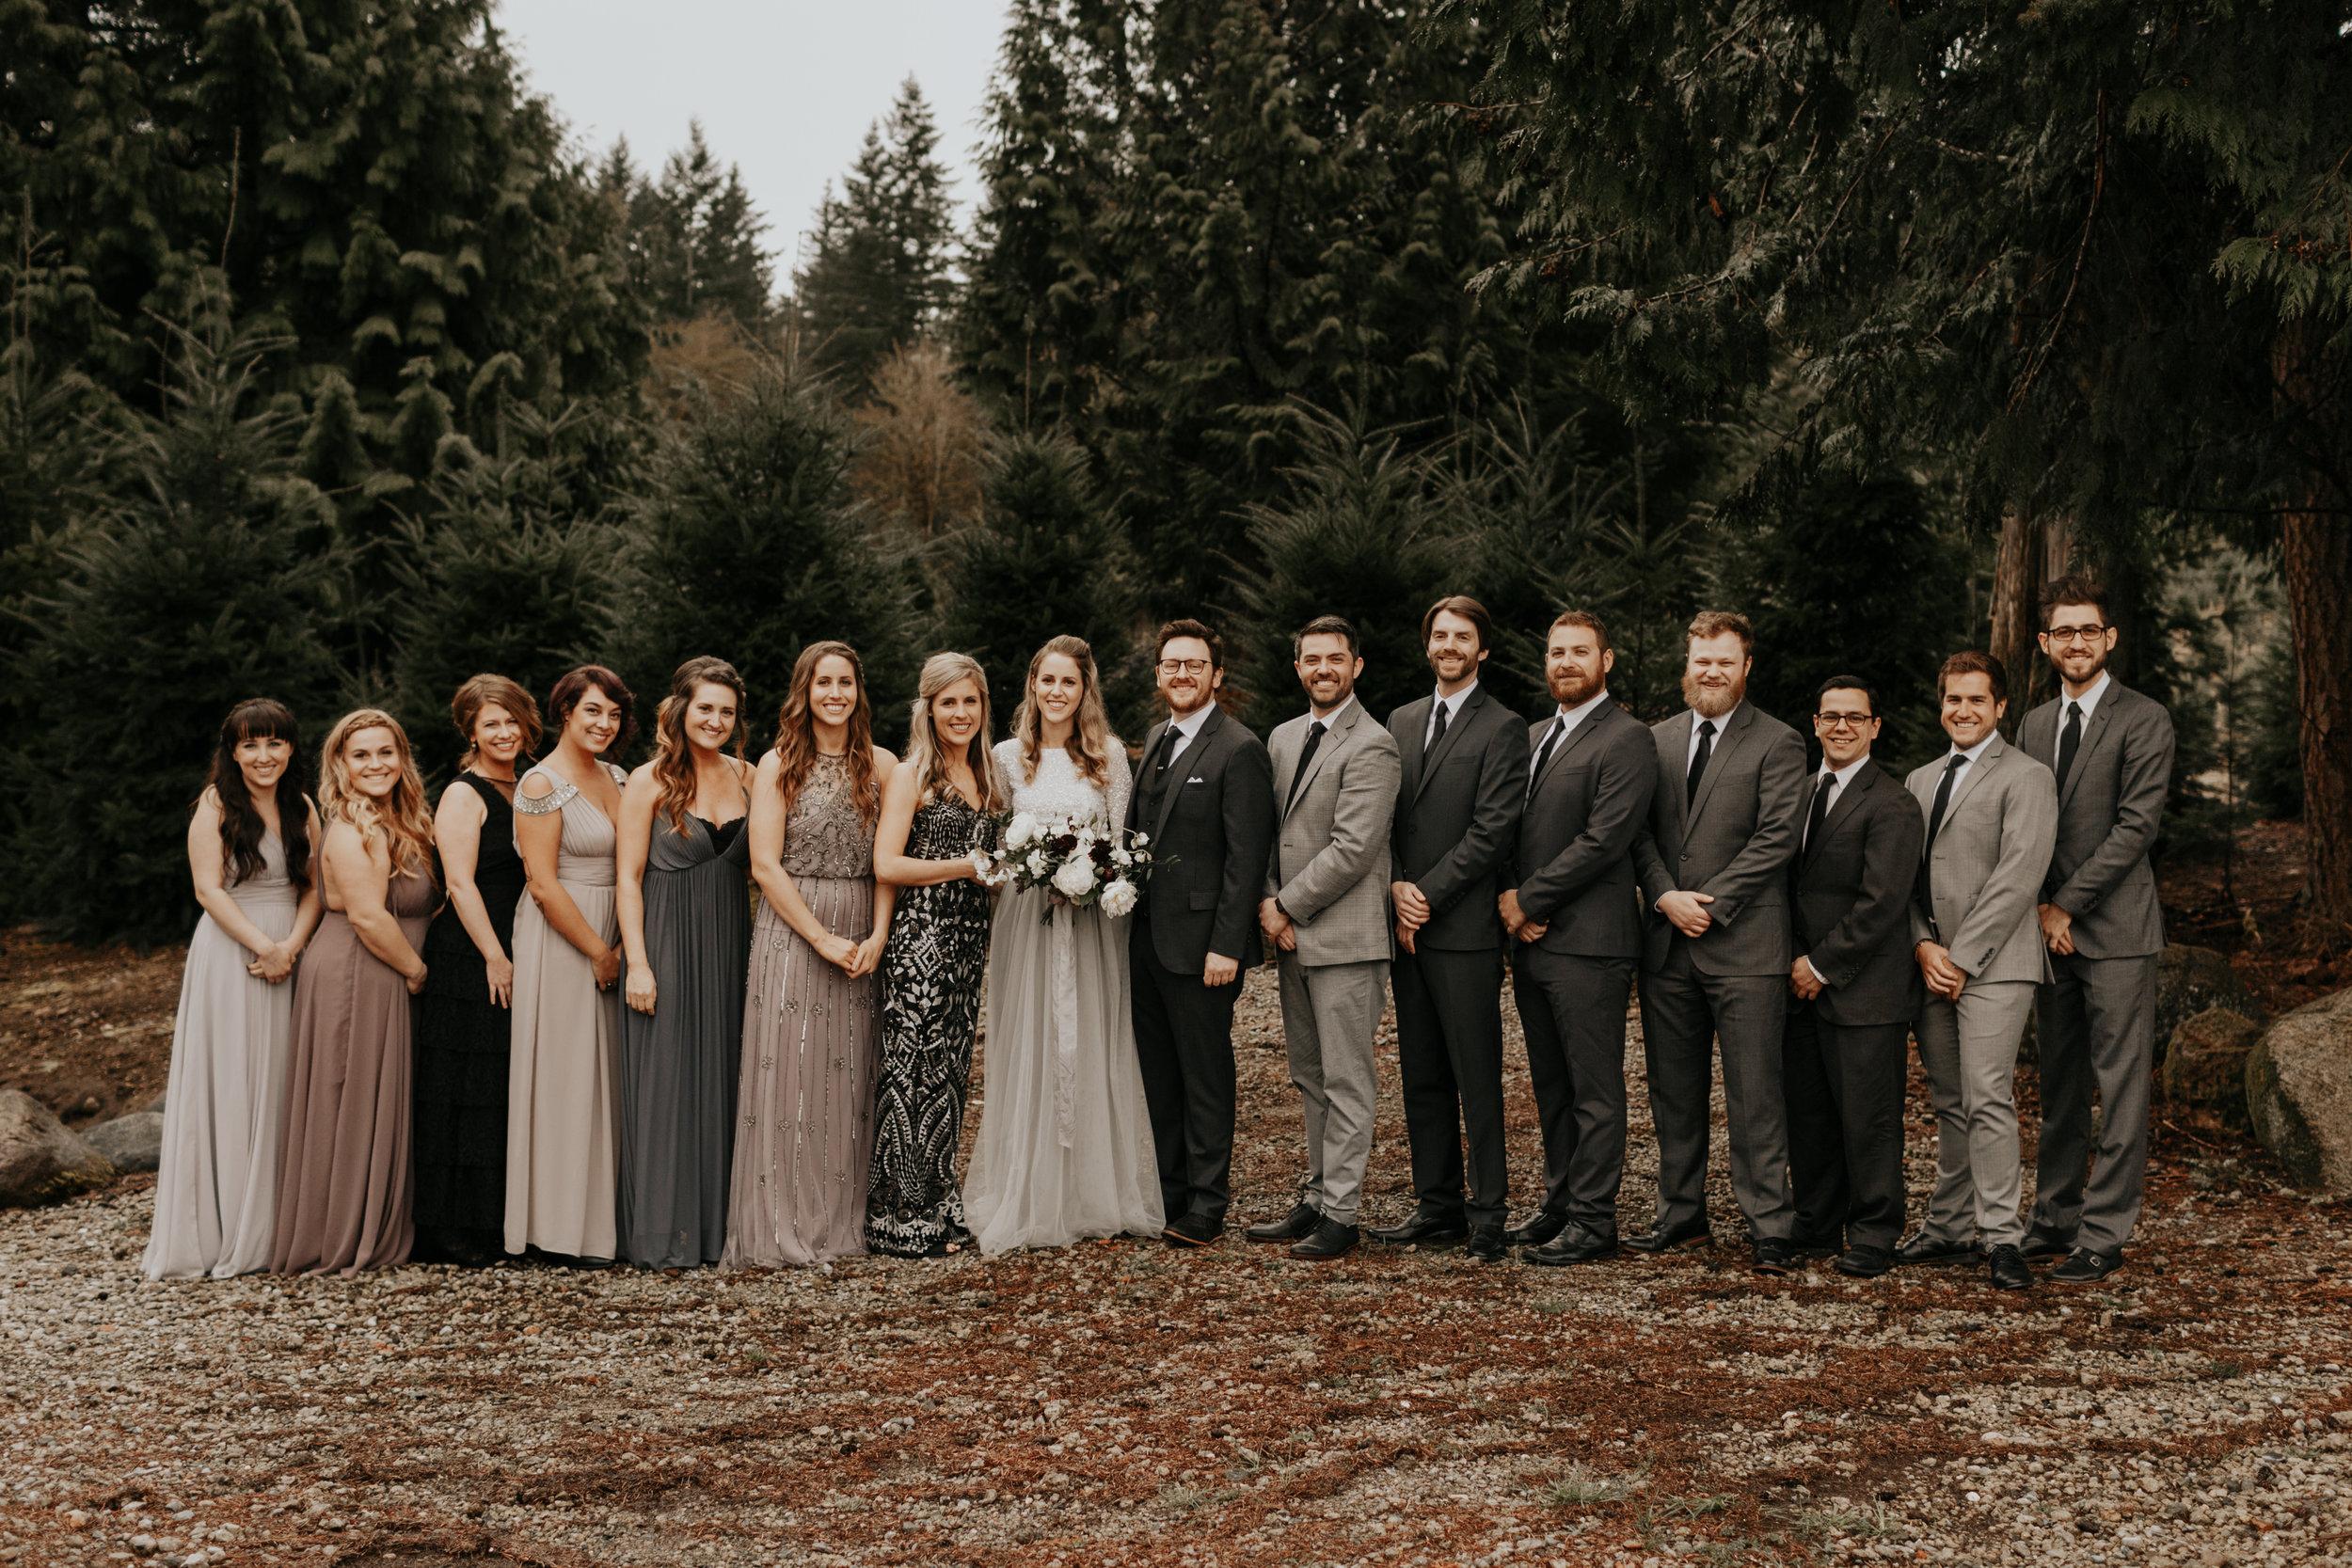 ginapaulson-courtnyandryan-wedding-474.jpg